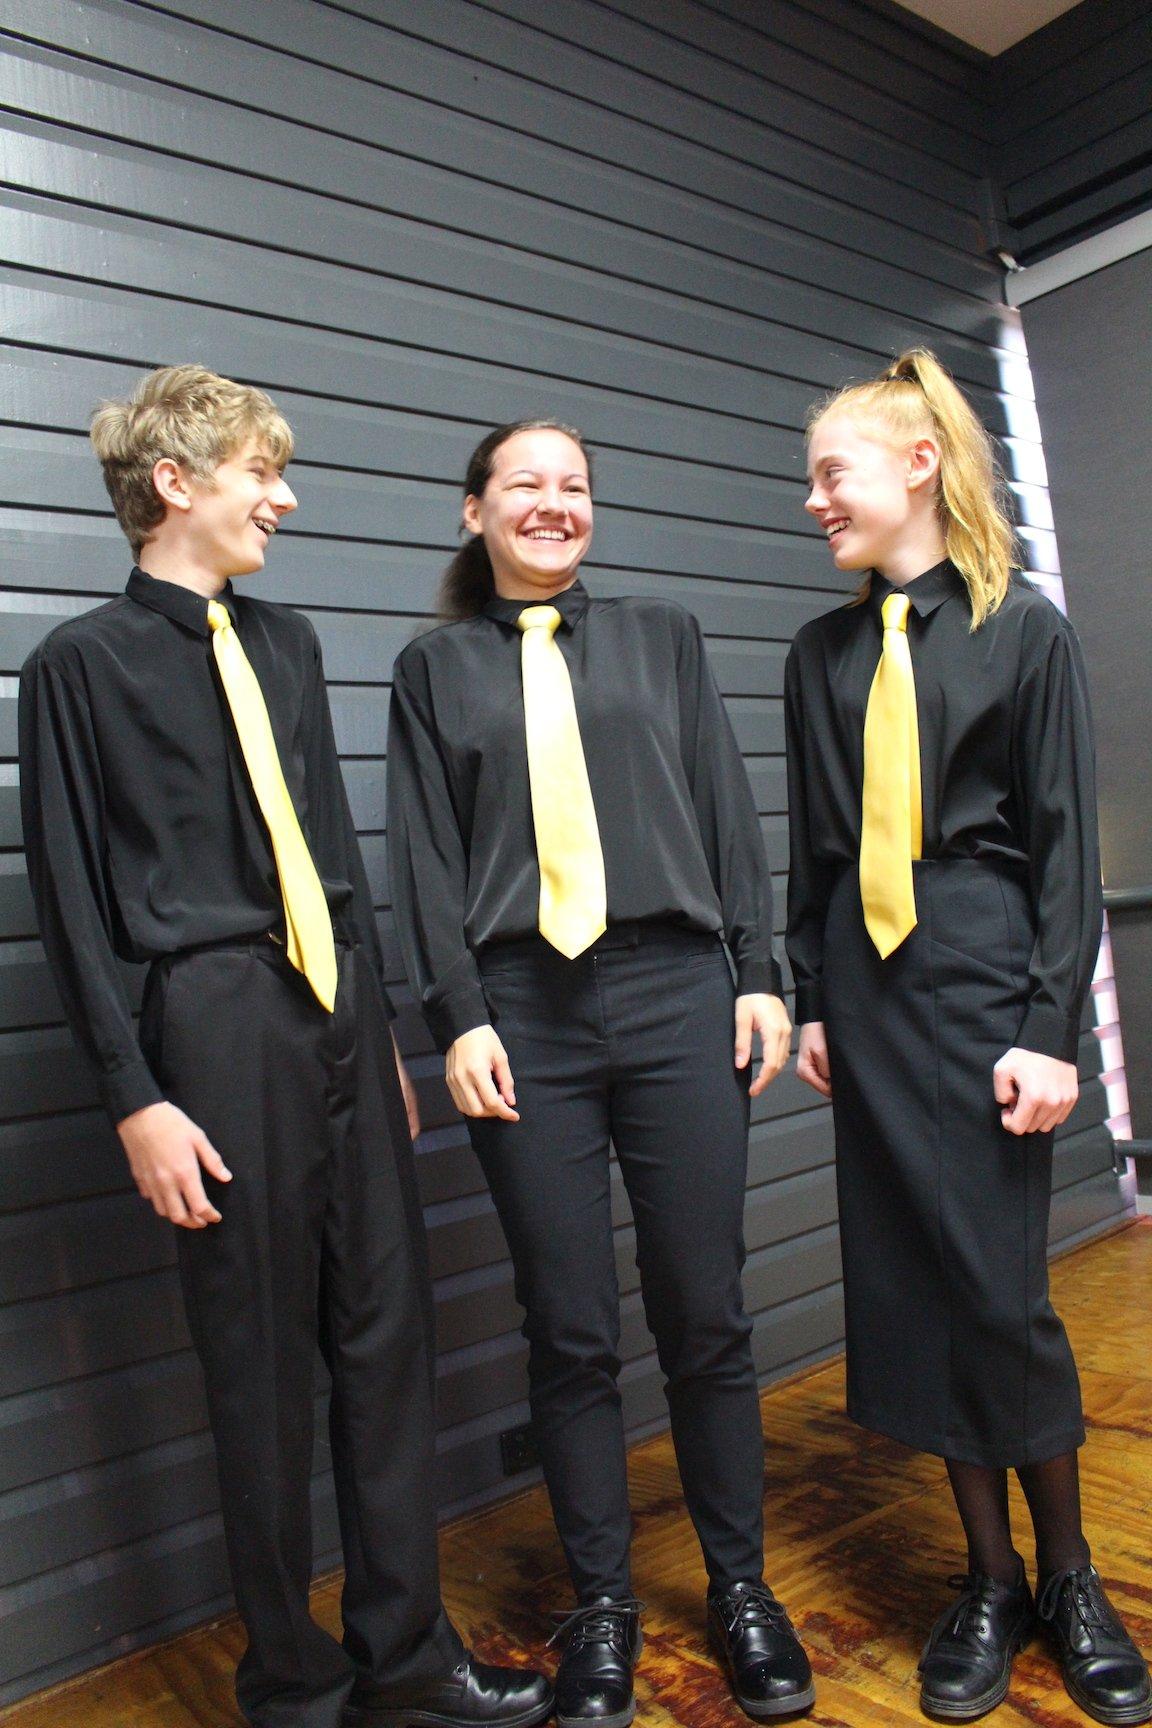 Camisa Y Pantalon De Uniforme Escolar Color Negro Cstradha